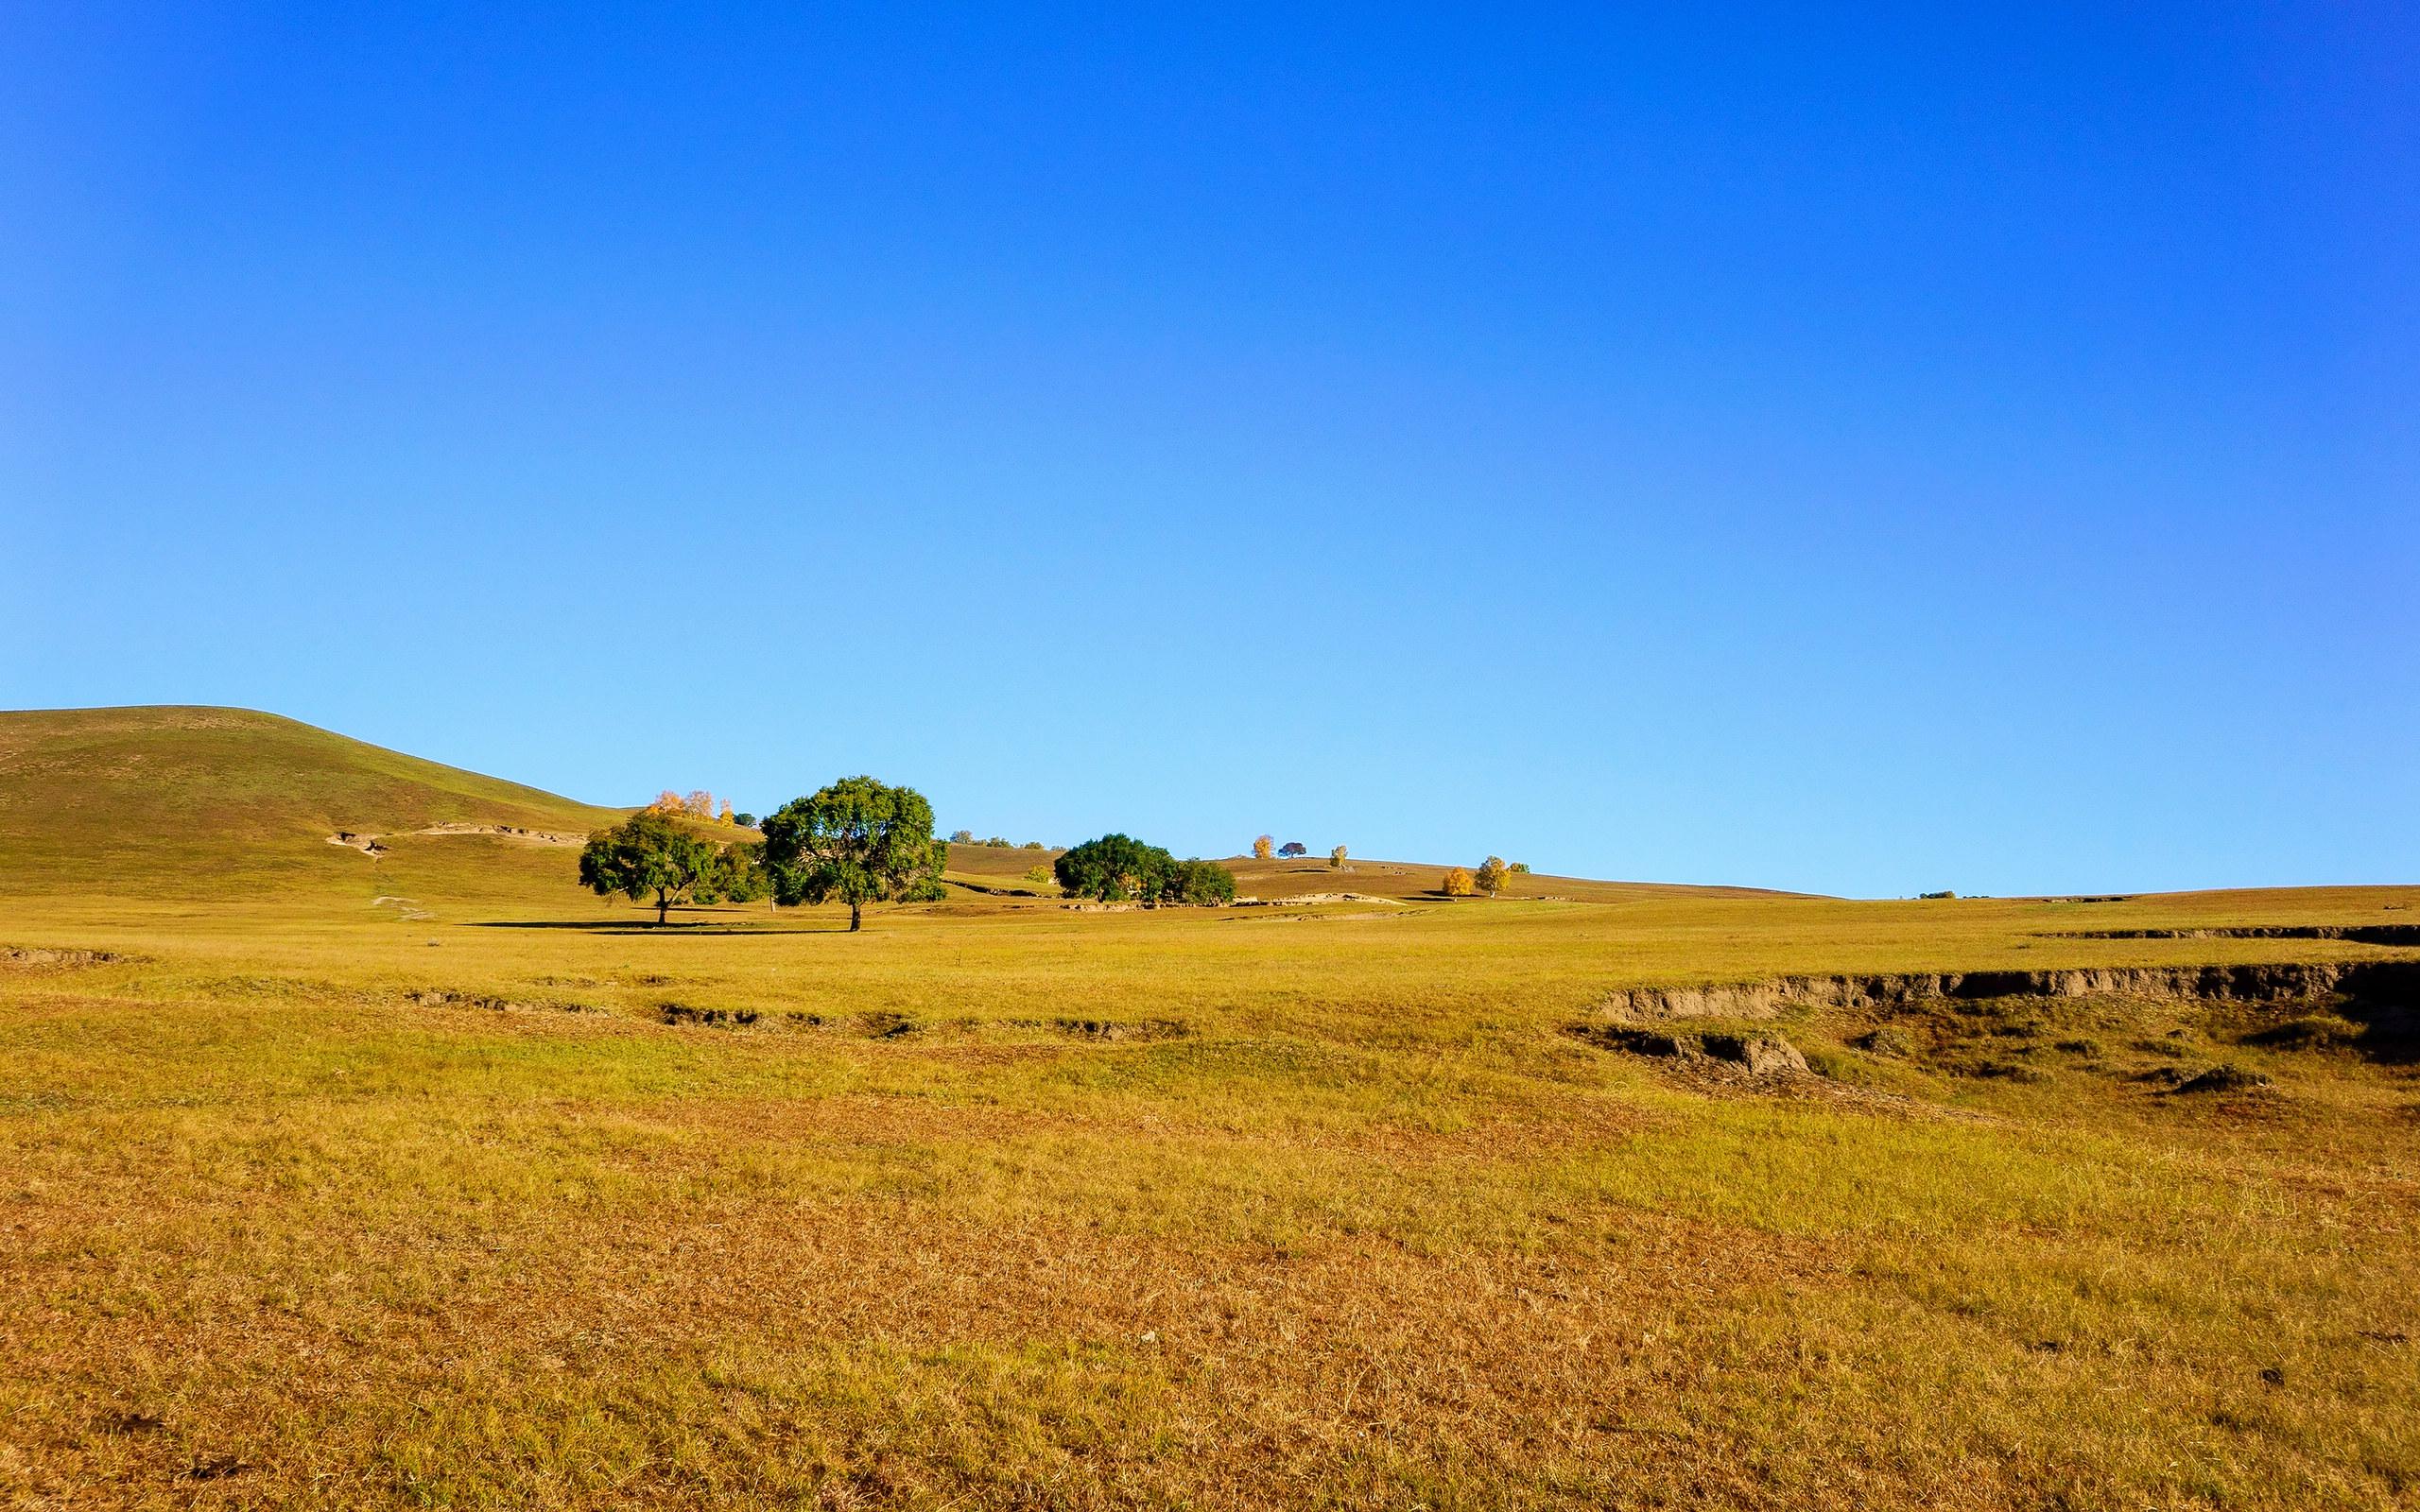 乌兰布统草原风景图片桌面壁纸